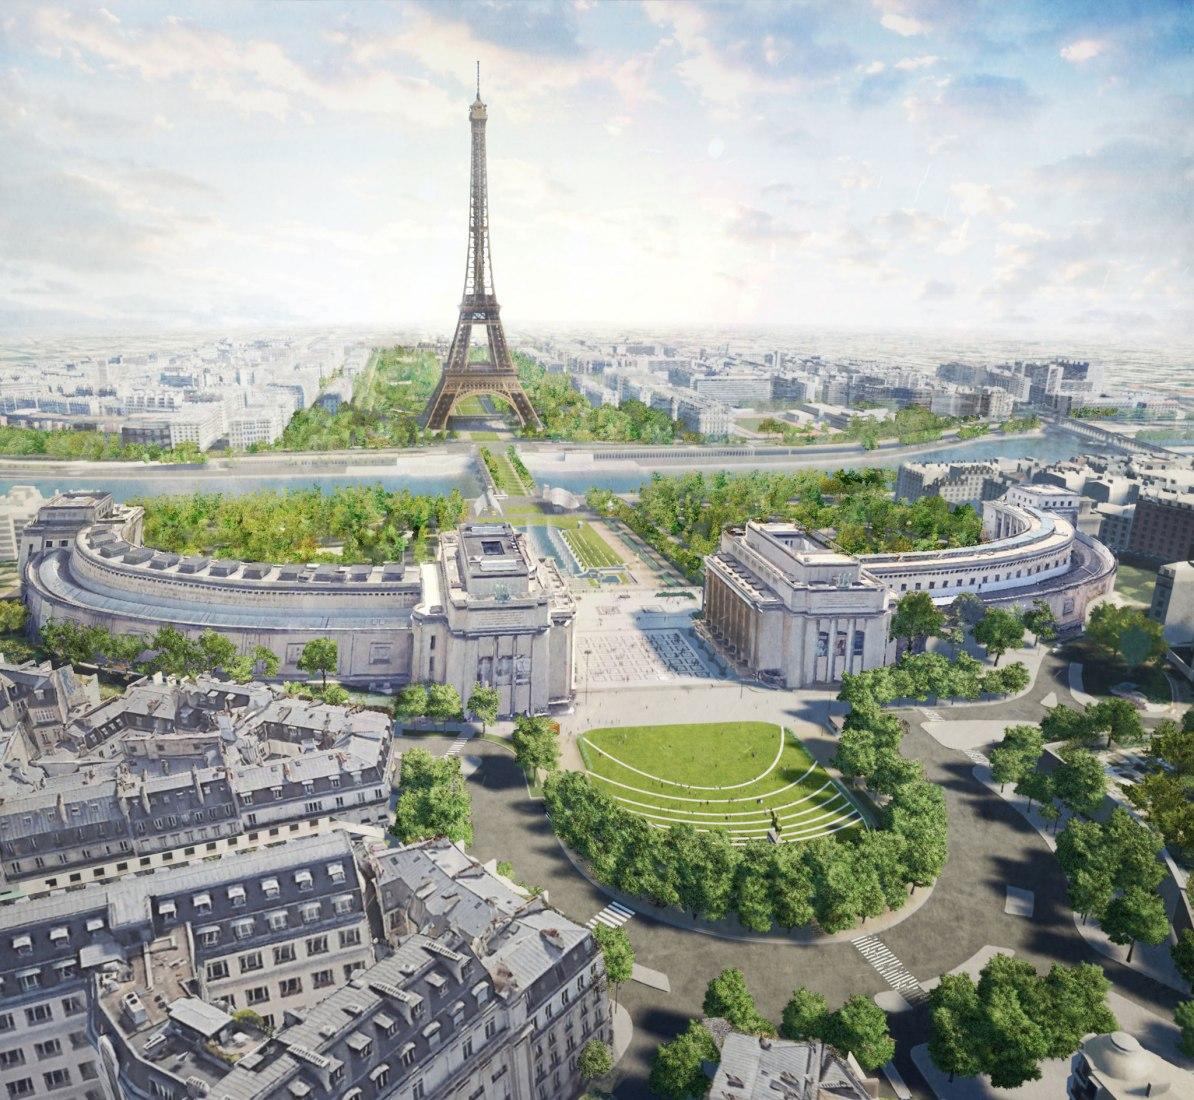 Vista general del diseño. Gustafson Porter + Bowman, ganadores del concurso Site Tour Eiffel. Imagen cortesía de © MIR. Image courtesy of ©MIR.